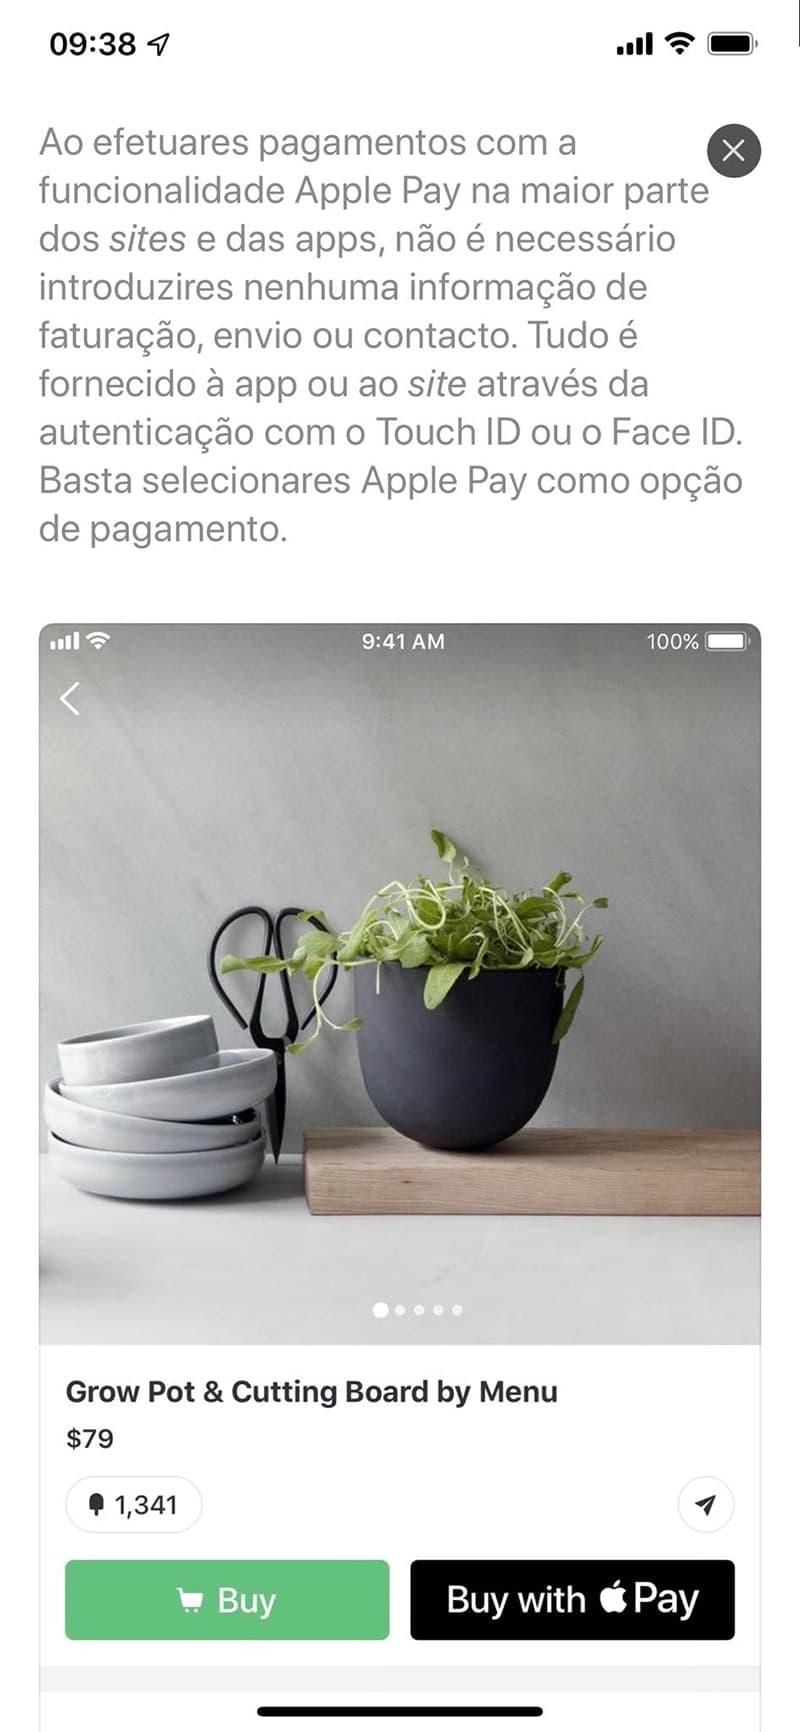 Apple Pay já chegou a Portugal com o Monese, N26, Revolut e CA